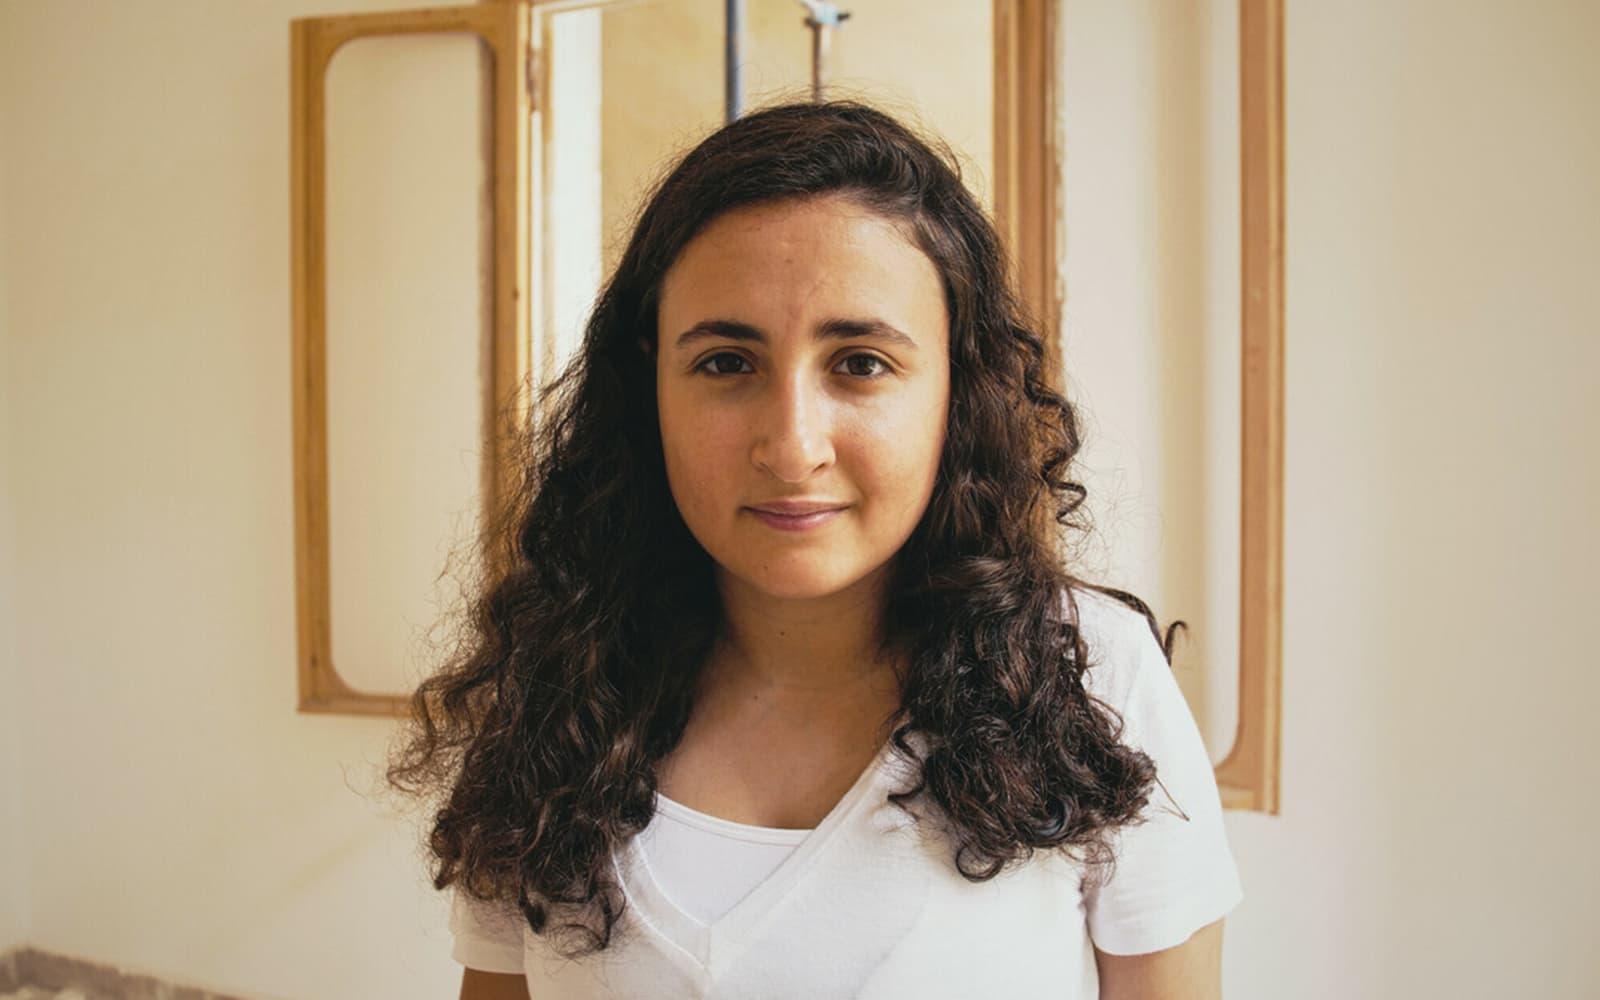 Une jeune Libanaise ayant survécu à l'explosion du 6 août